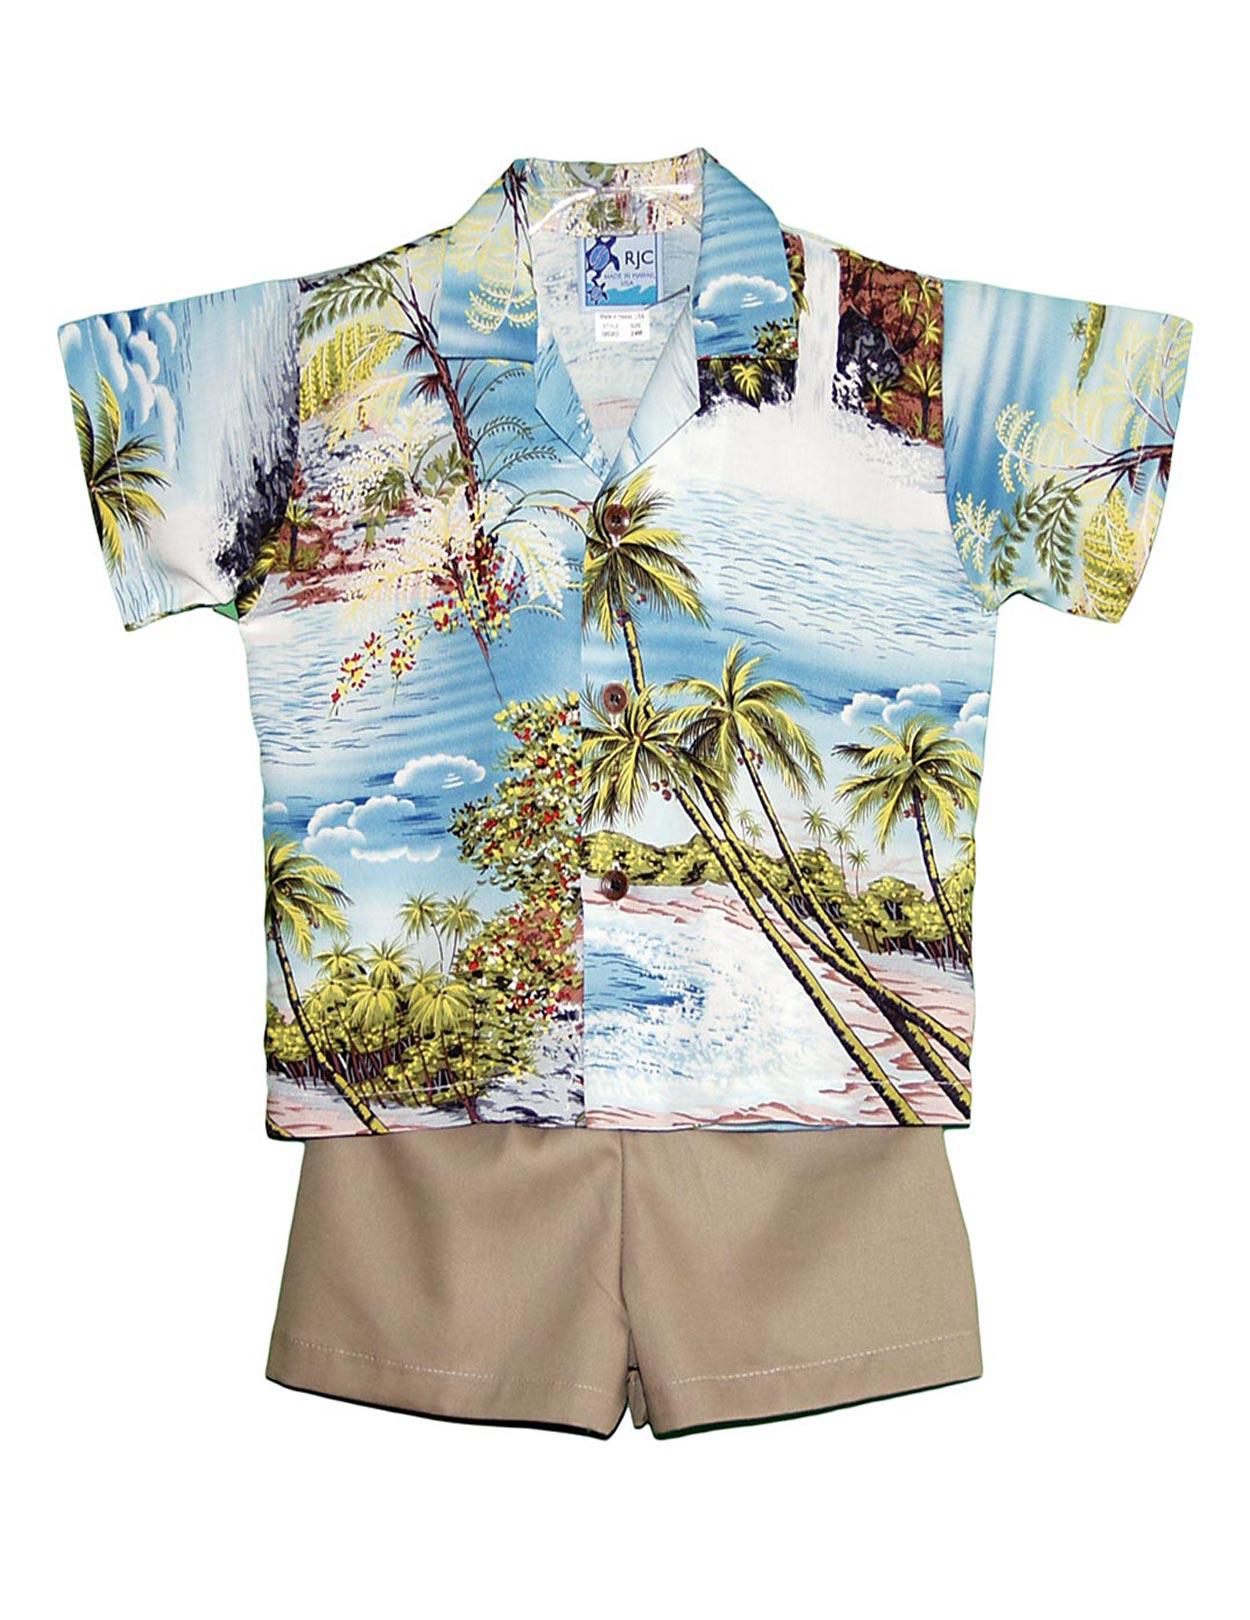 05ebcc8c66 Hana Hou Boy's 2 Piece Hawaiian Rayon Cabana Set: Shaka Time Hawaii  Clothing Store